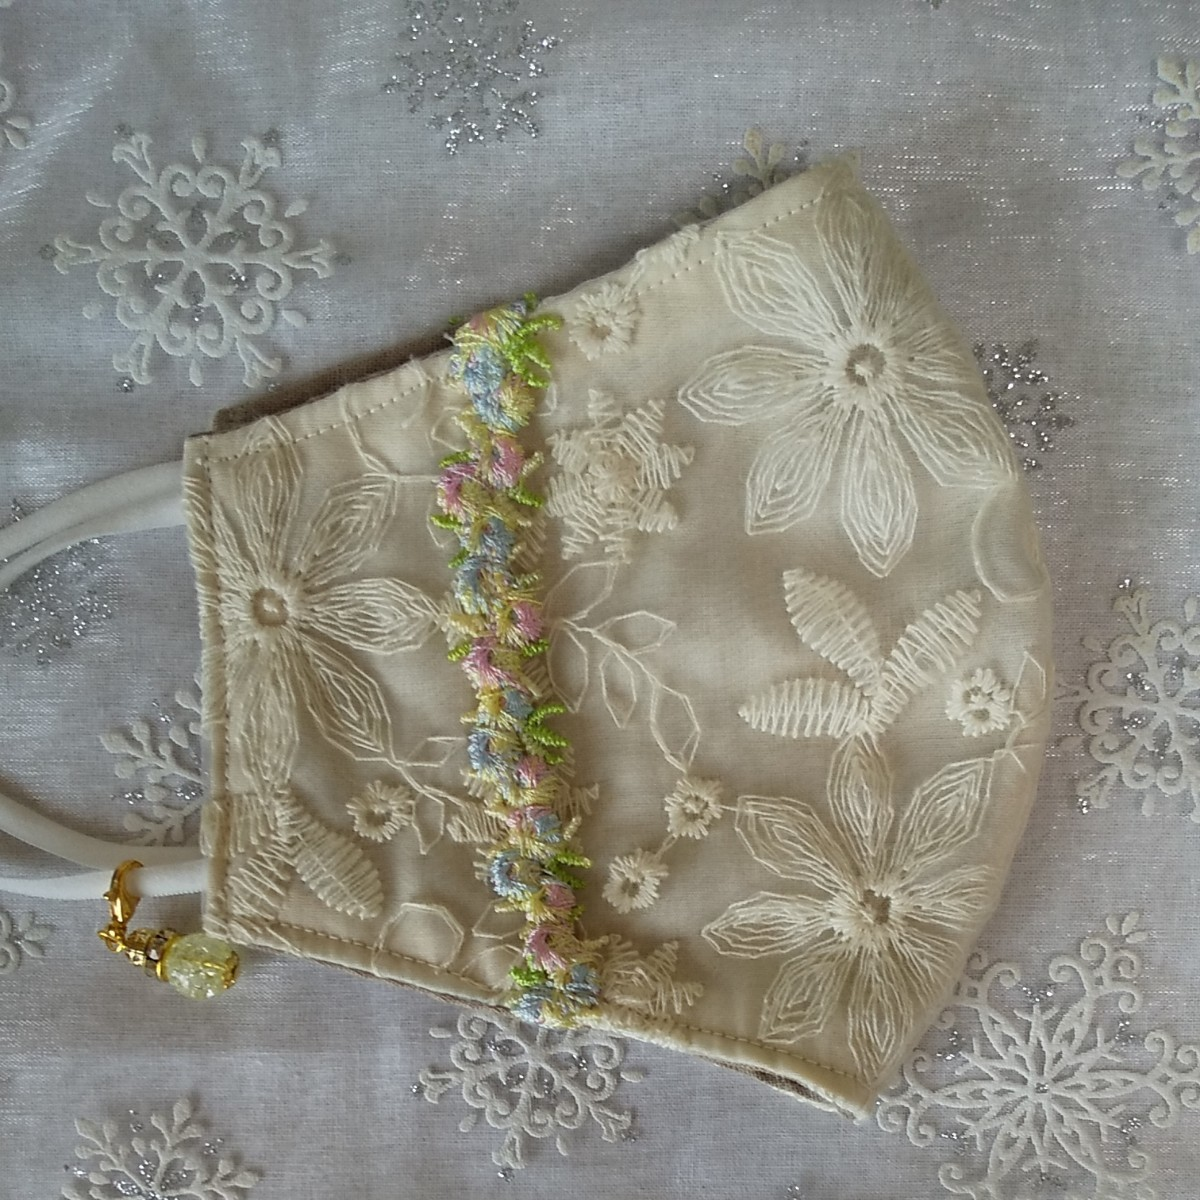 立体インナーハンドメイド、綿ガーゼ、チュール刺繍レース(アイボリー×お花リボン)(普通サイズ)アジャスター付、チャーム付